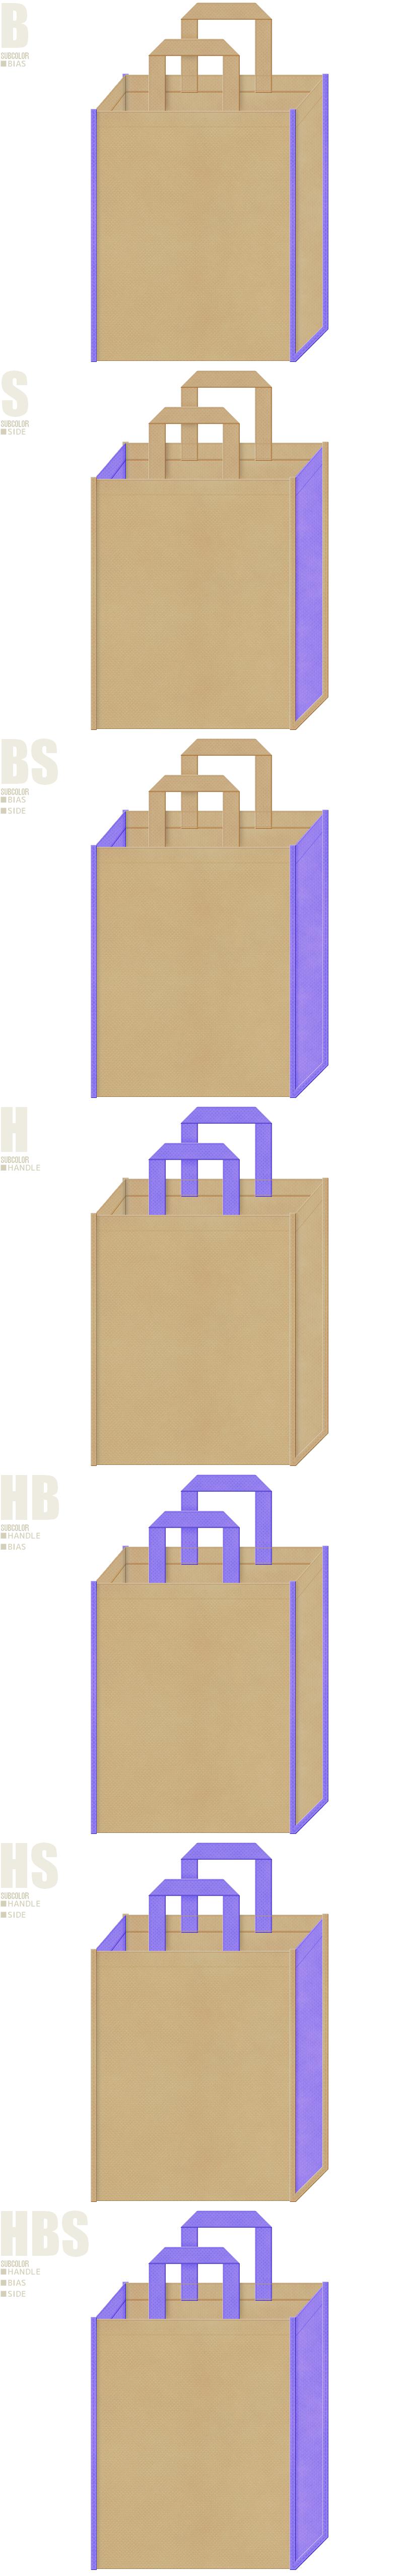 不織布バッグのデザイン:カーキ色と薄紫色の配色7パターン